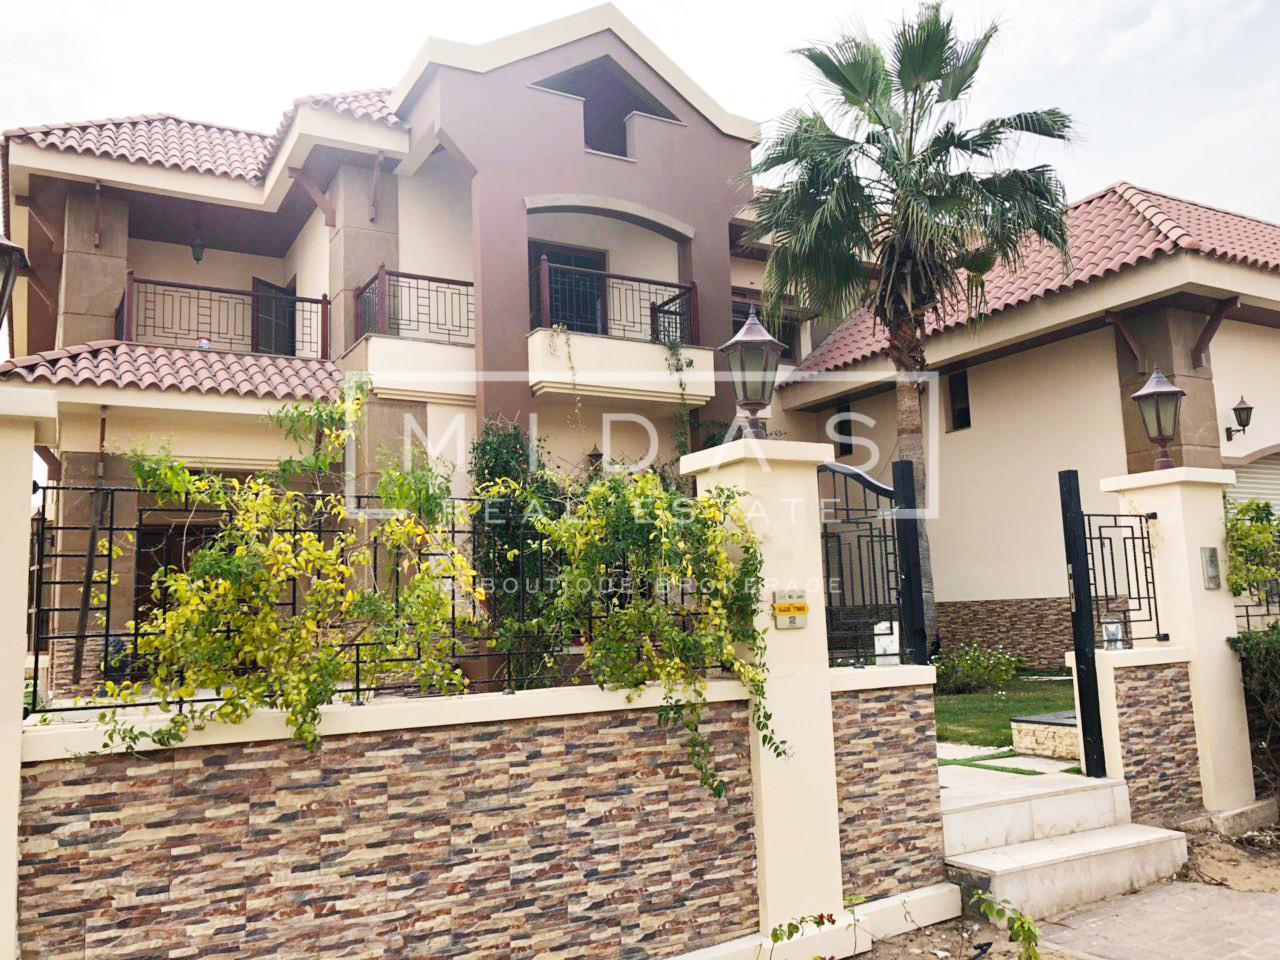 Serene 5BR Mansion Villa in Jumeirah Islands